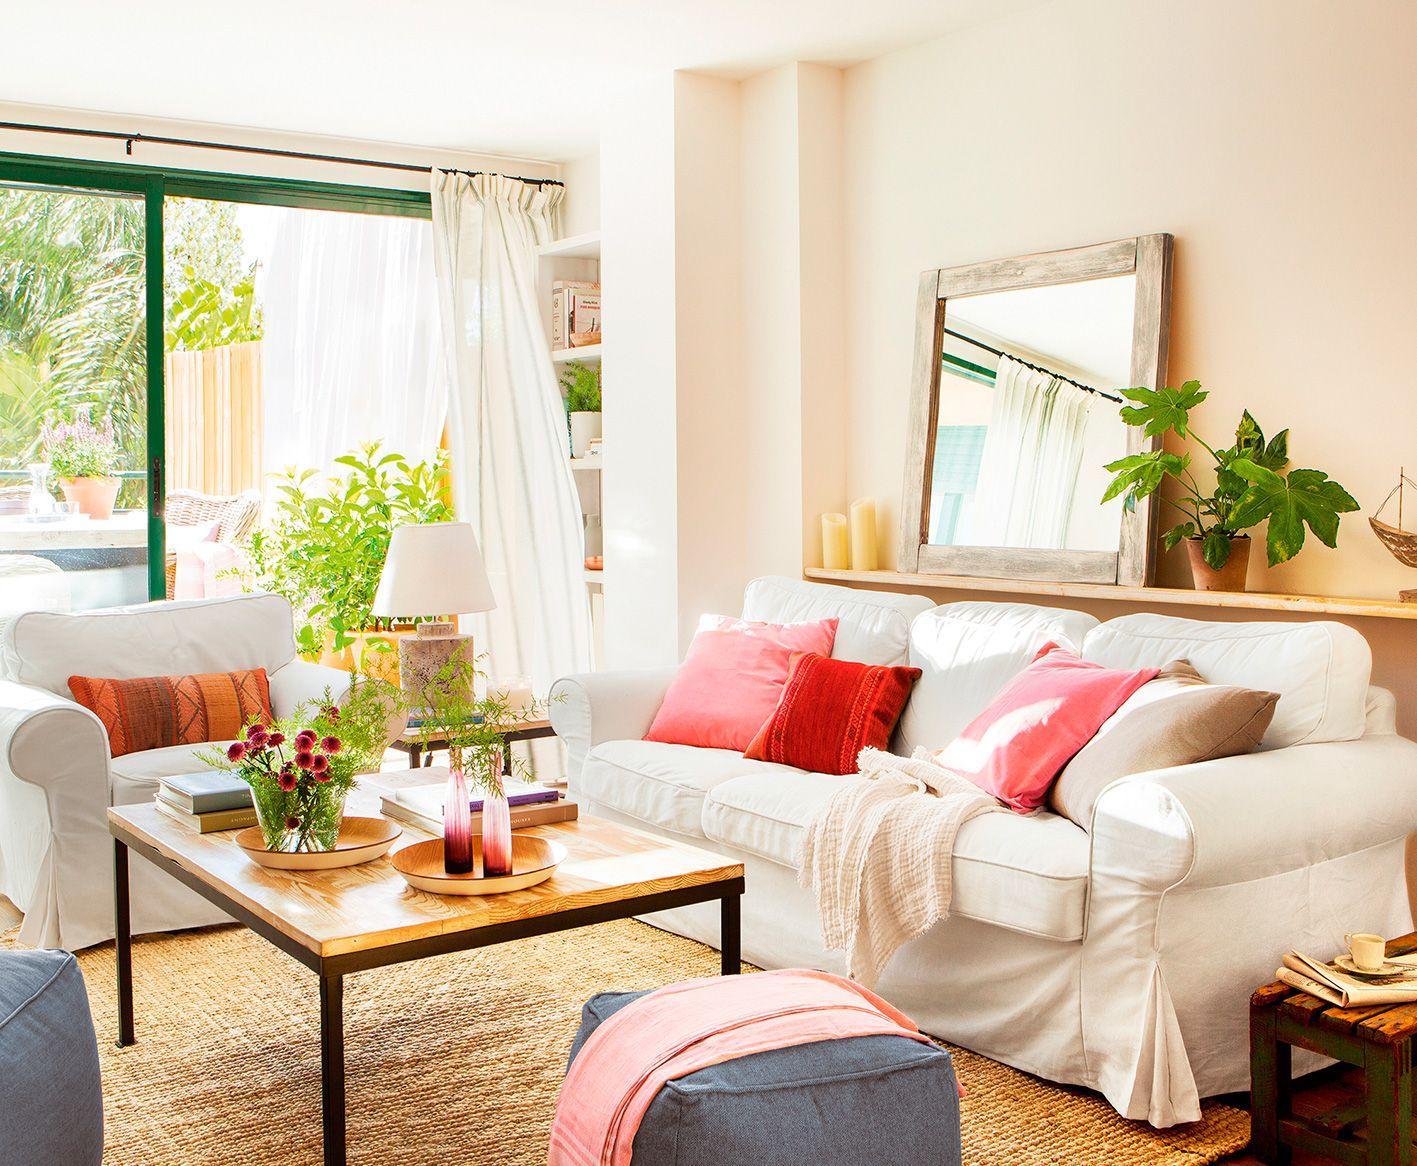 Sal n con con salida a la terraza con sof blanco alfombra de fibras y espejo apoyado sobre el - Alfombra terraza ...